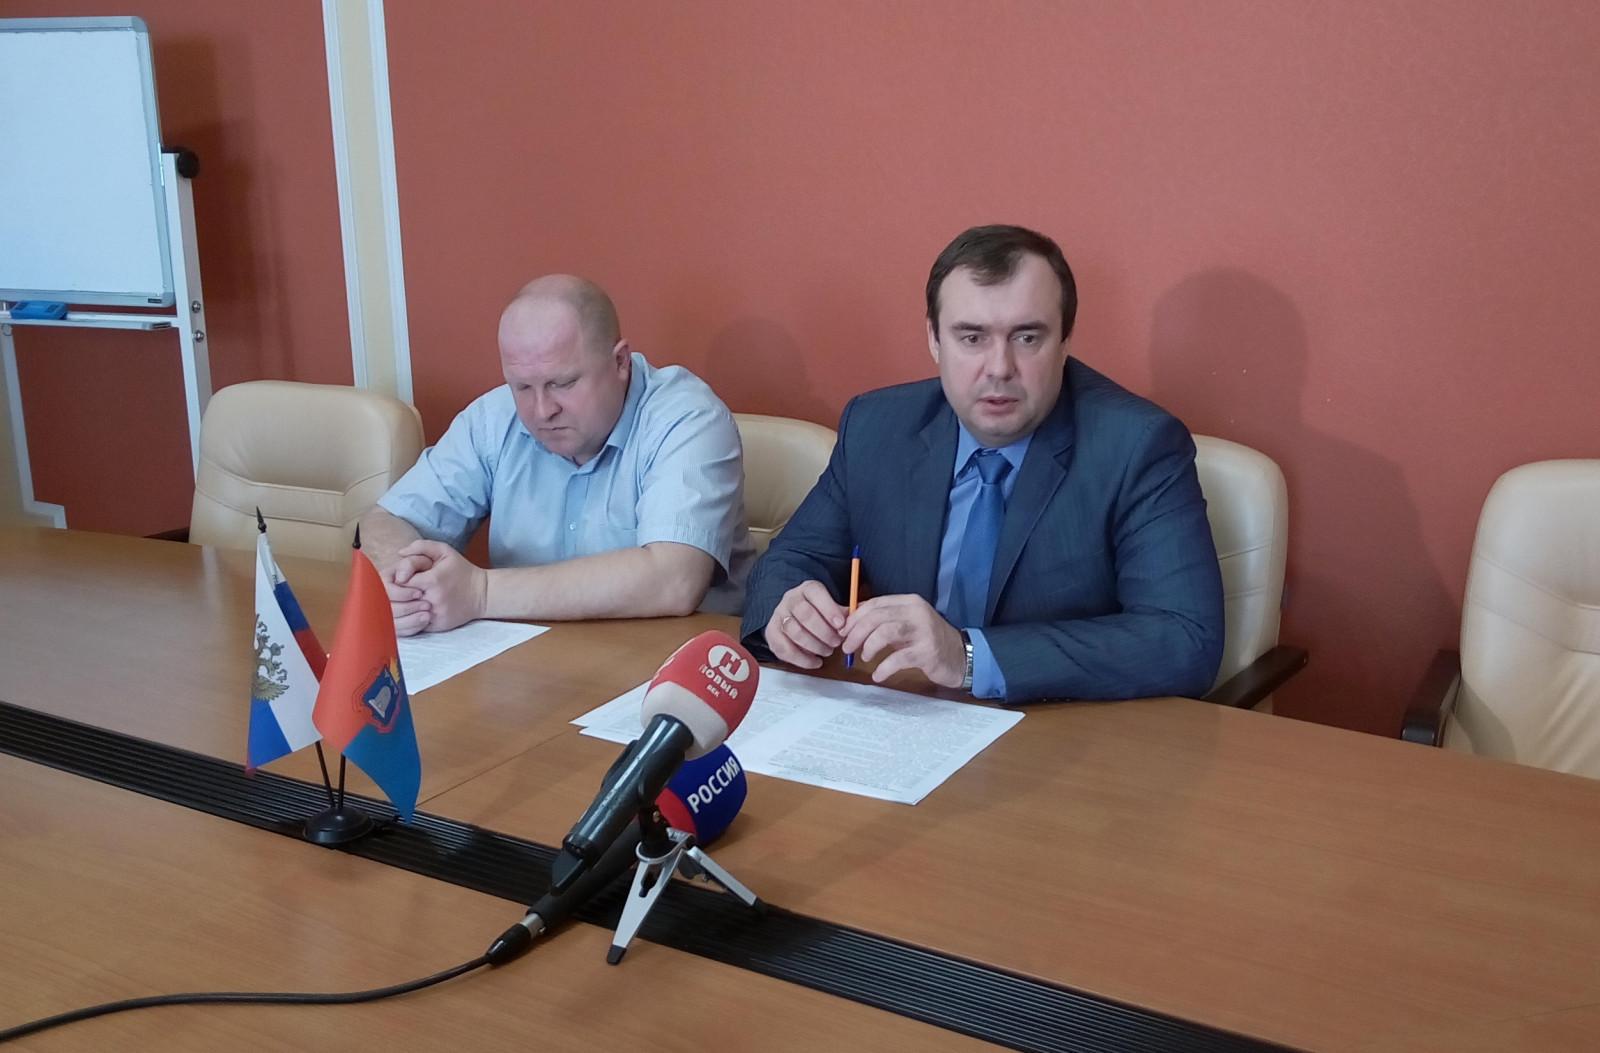 Игорь Кулаков: «На Тамбовщине продолжаются проверки газового оборудования»